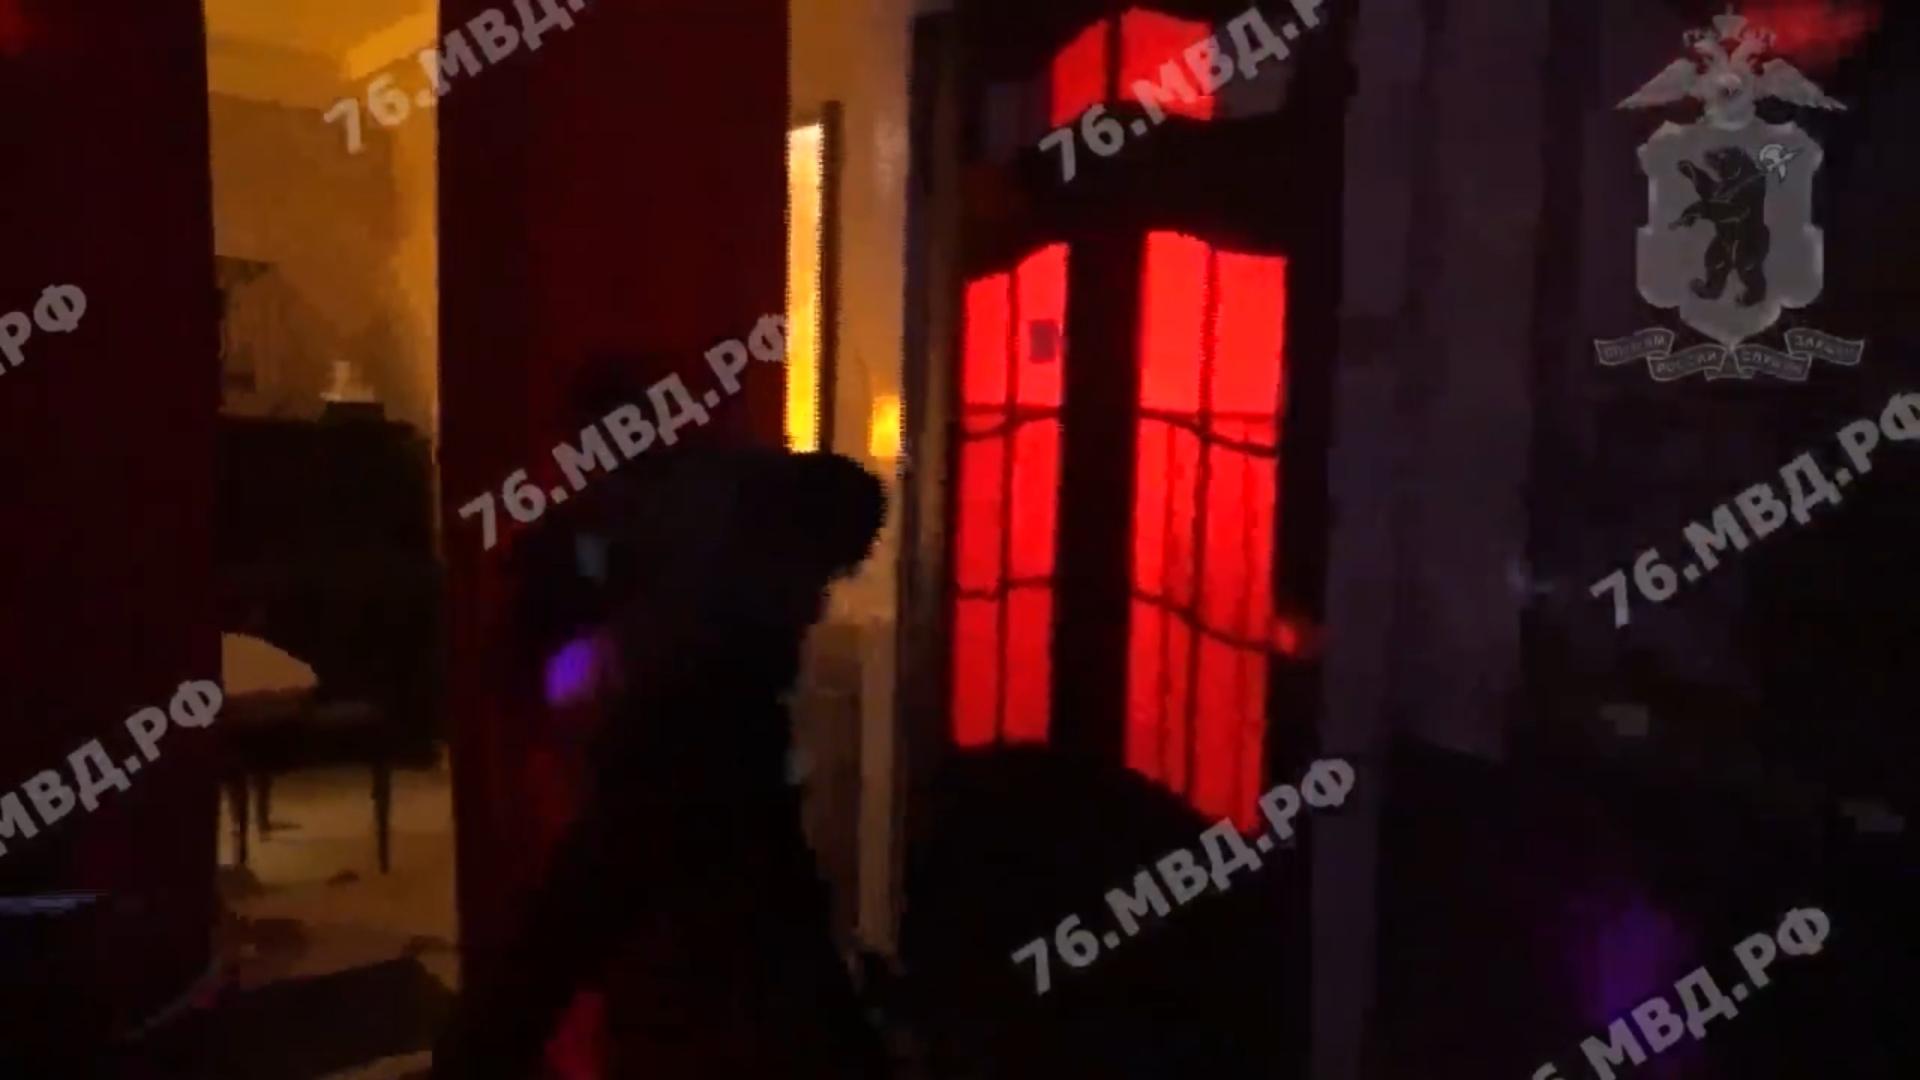 Полиция в Ярославле пресекла работу притонов, занимающихся проституцией